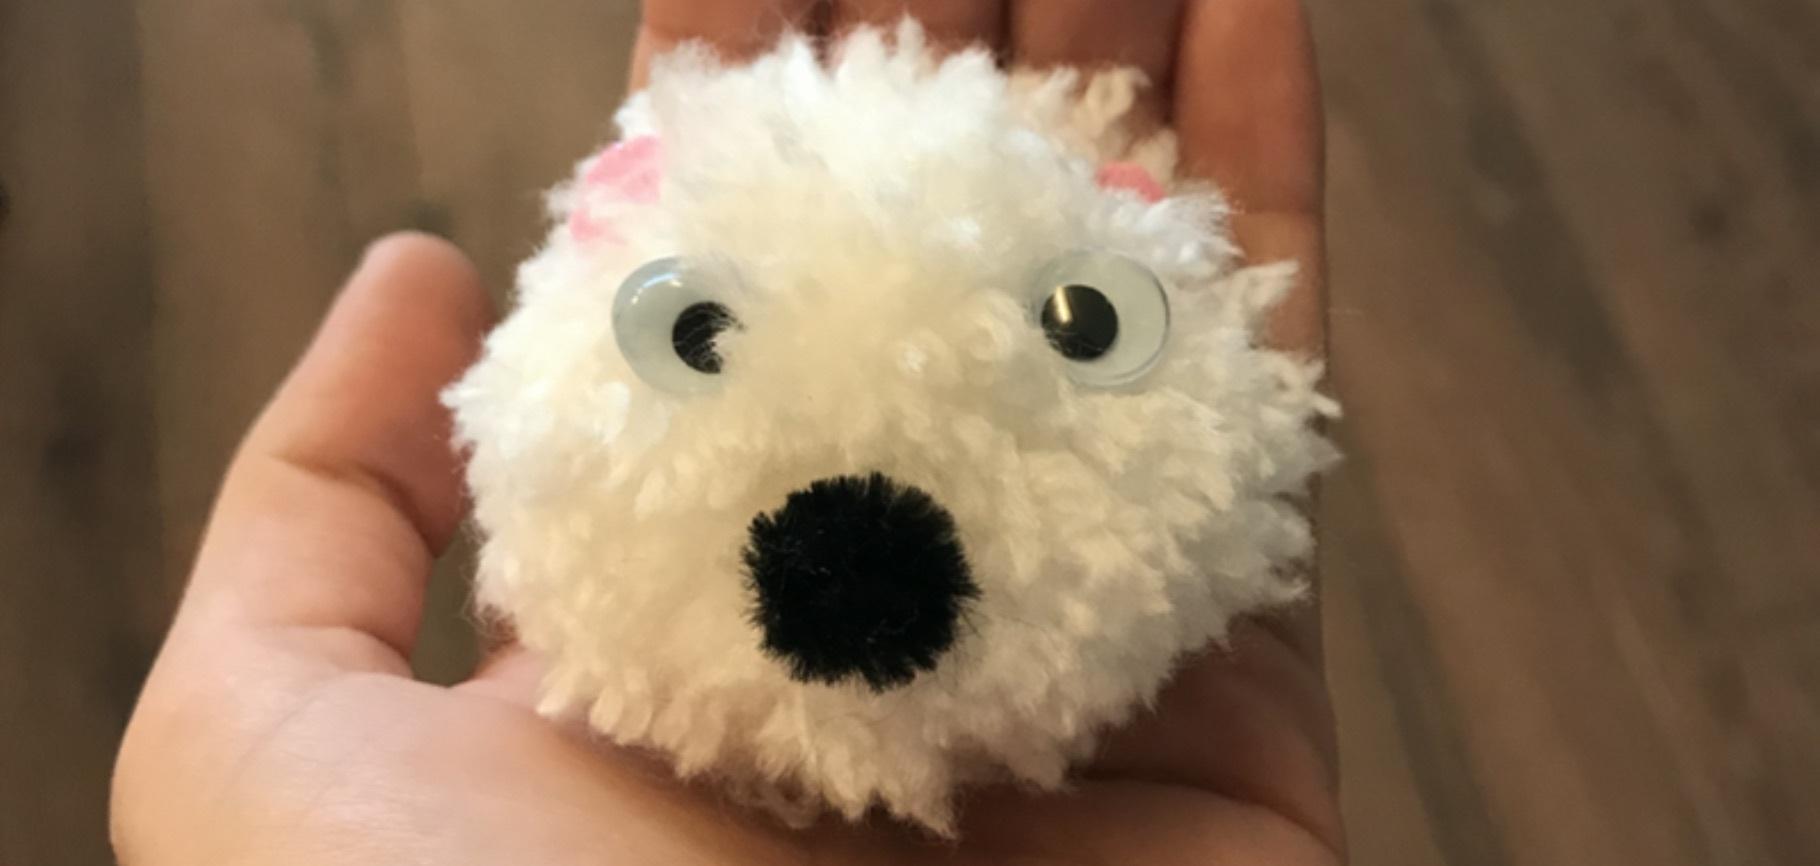 Bastele deinen eigenen Eisbären-Pom-Pom